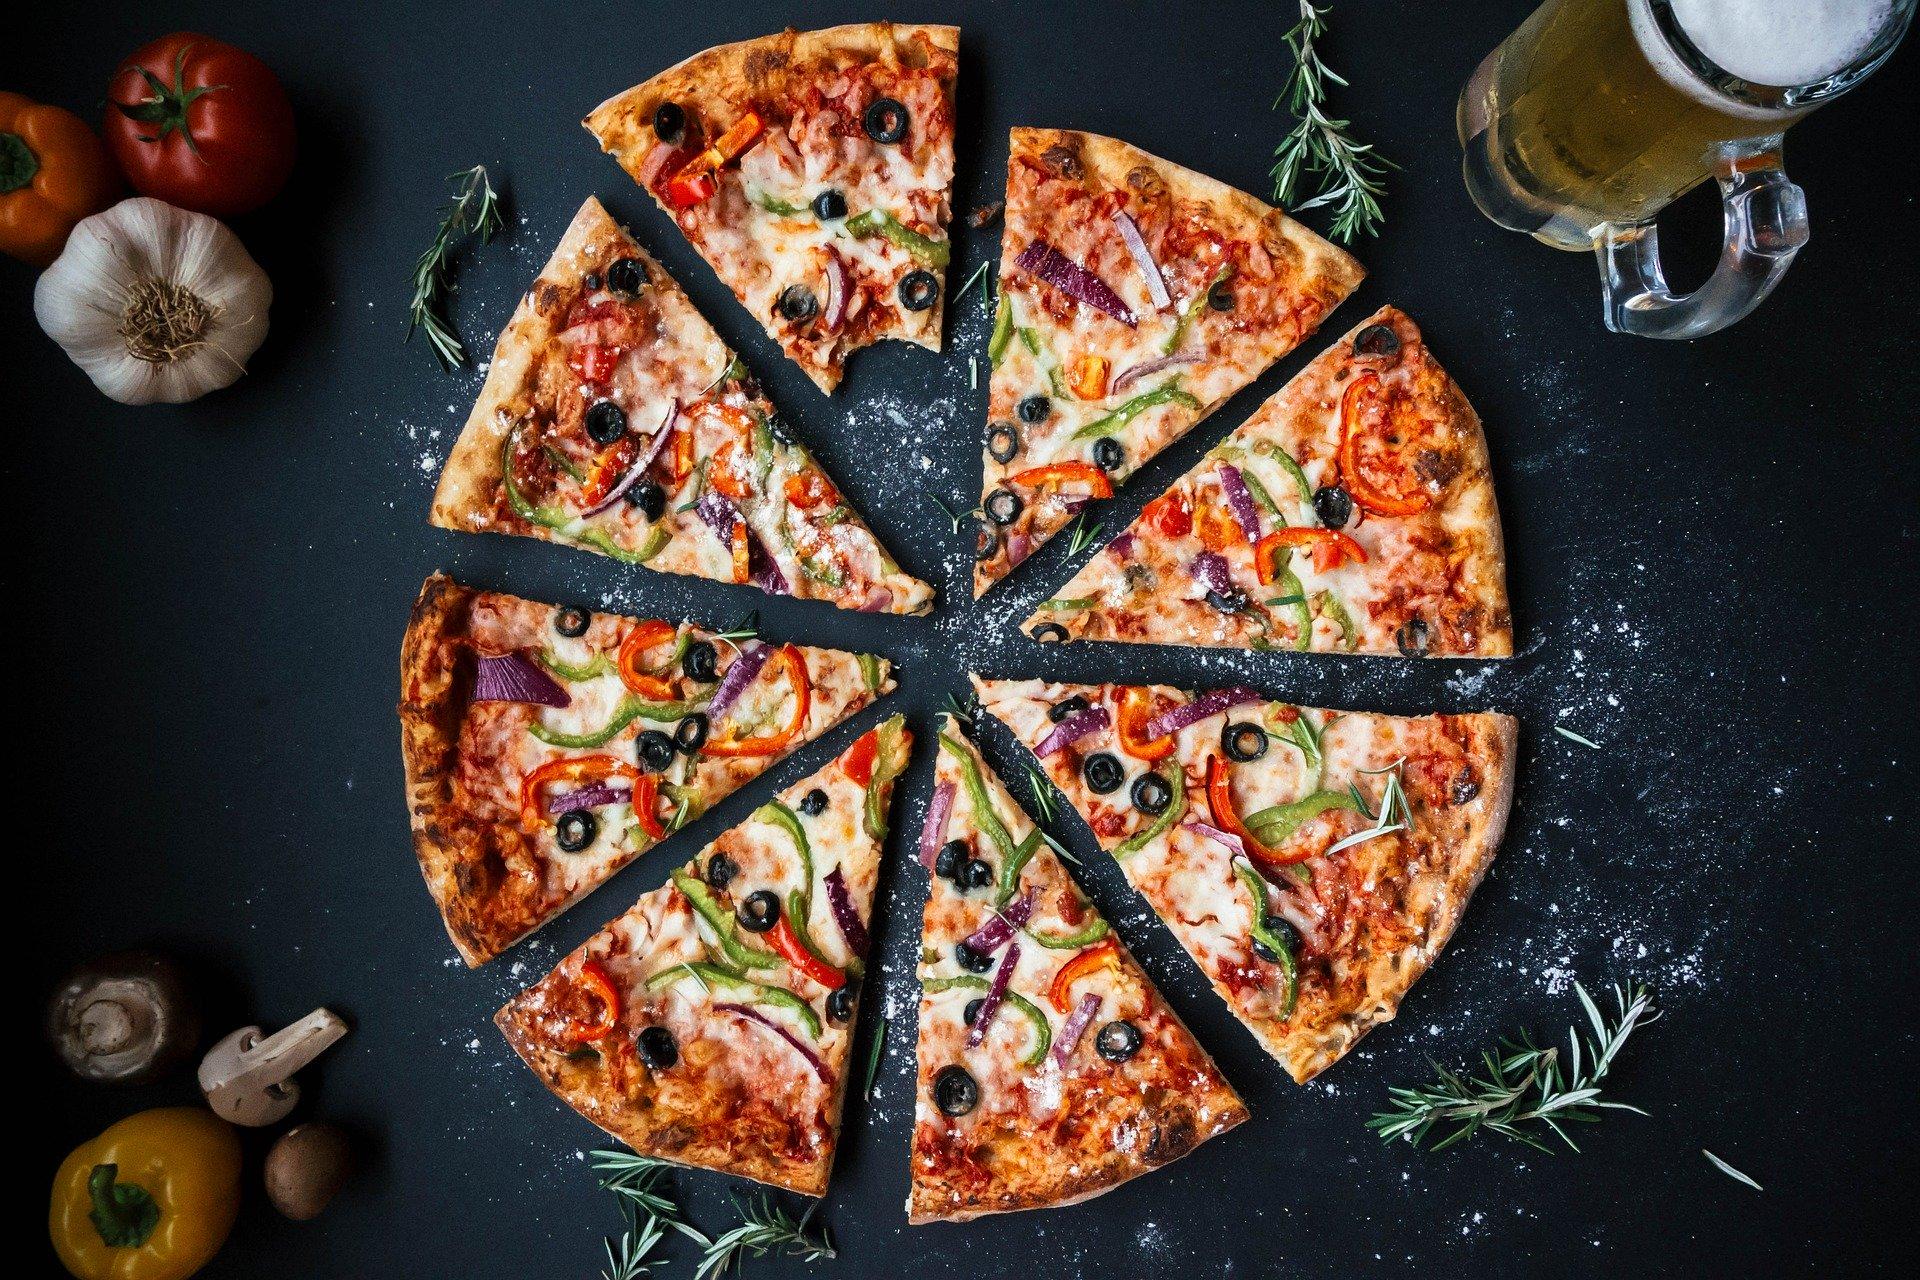 09.02 Międzynarodowy Dzień Pizzy